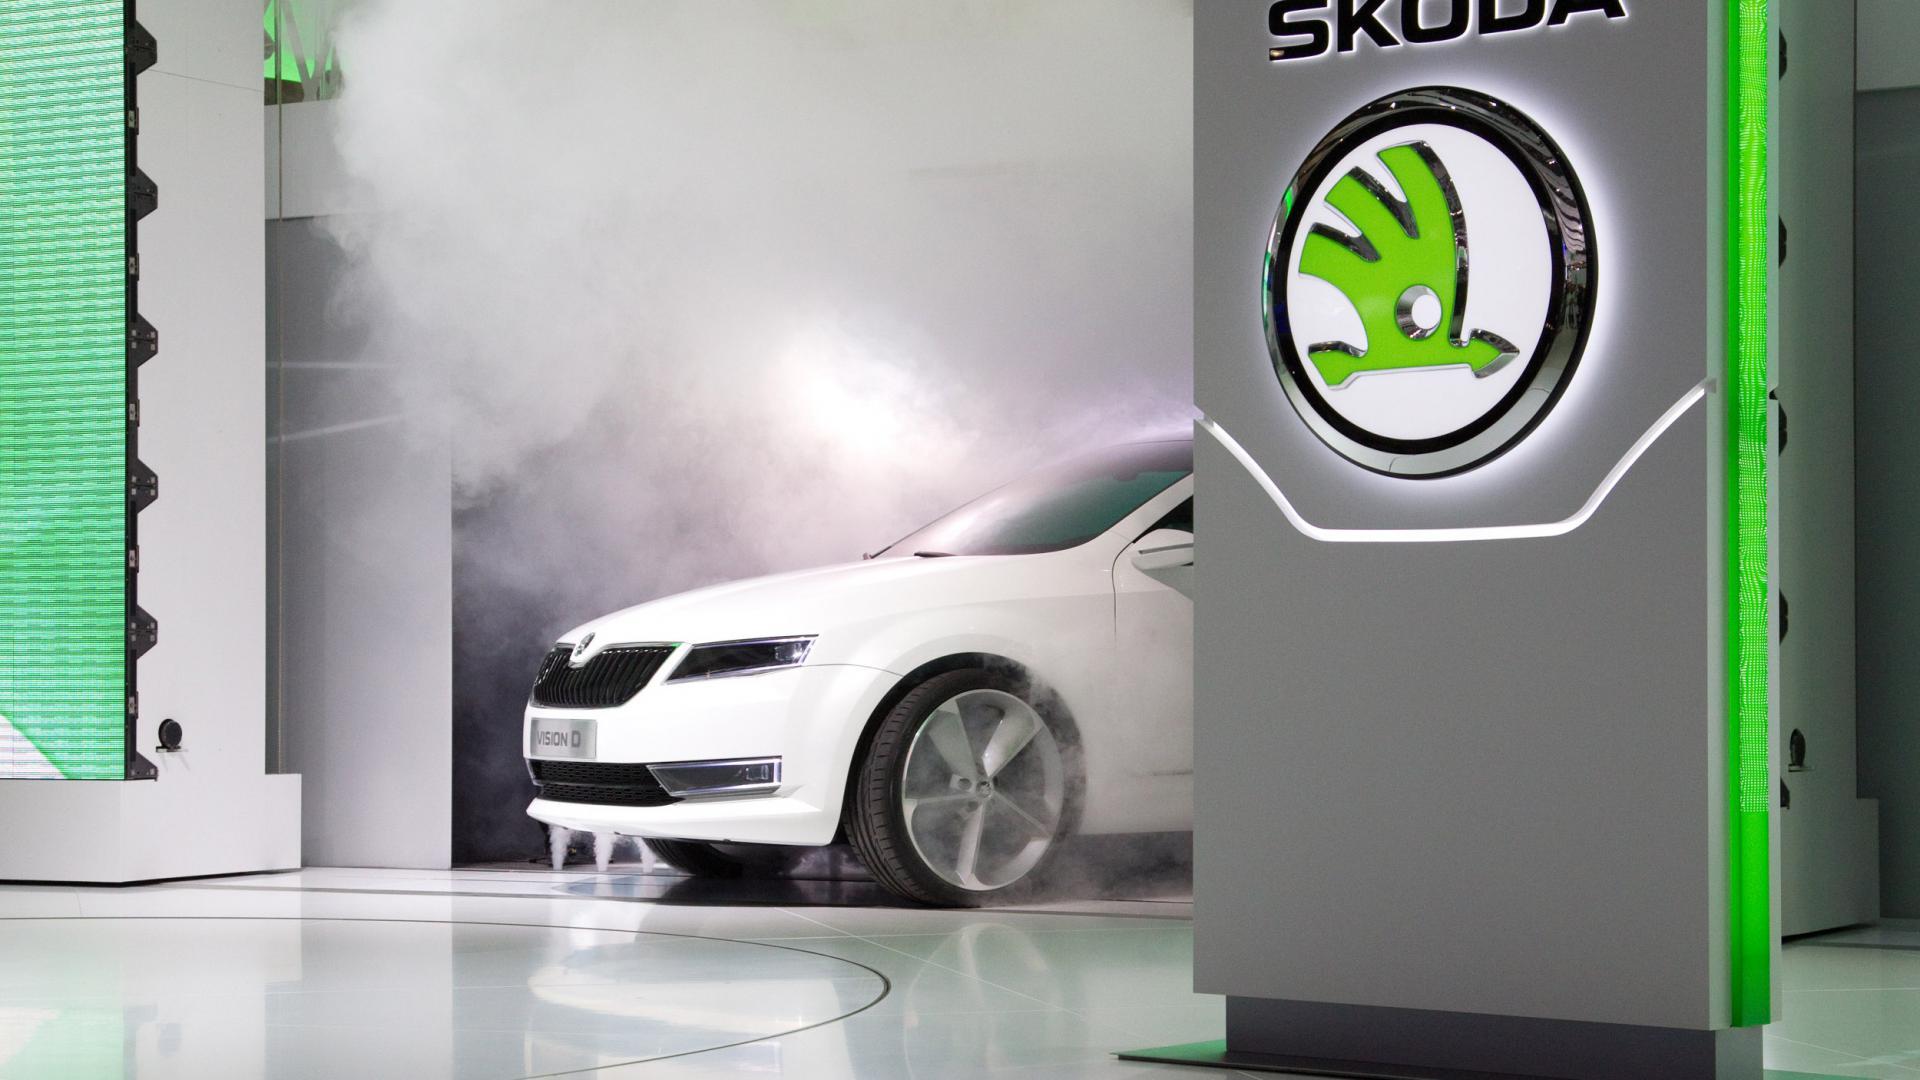 Рестайлинг трех автомобилей компании Skoda для России